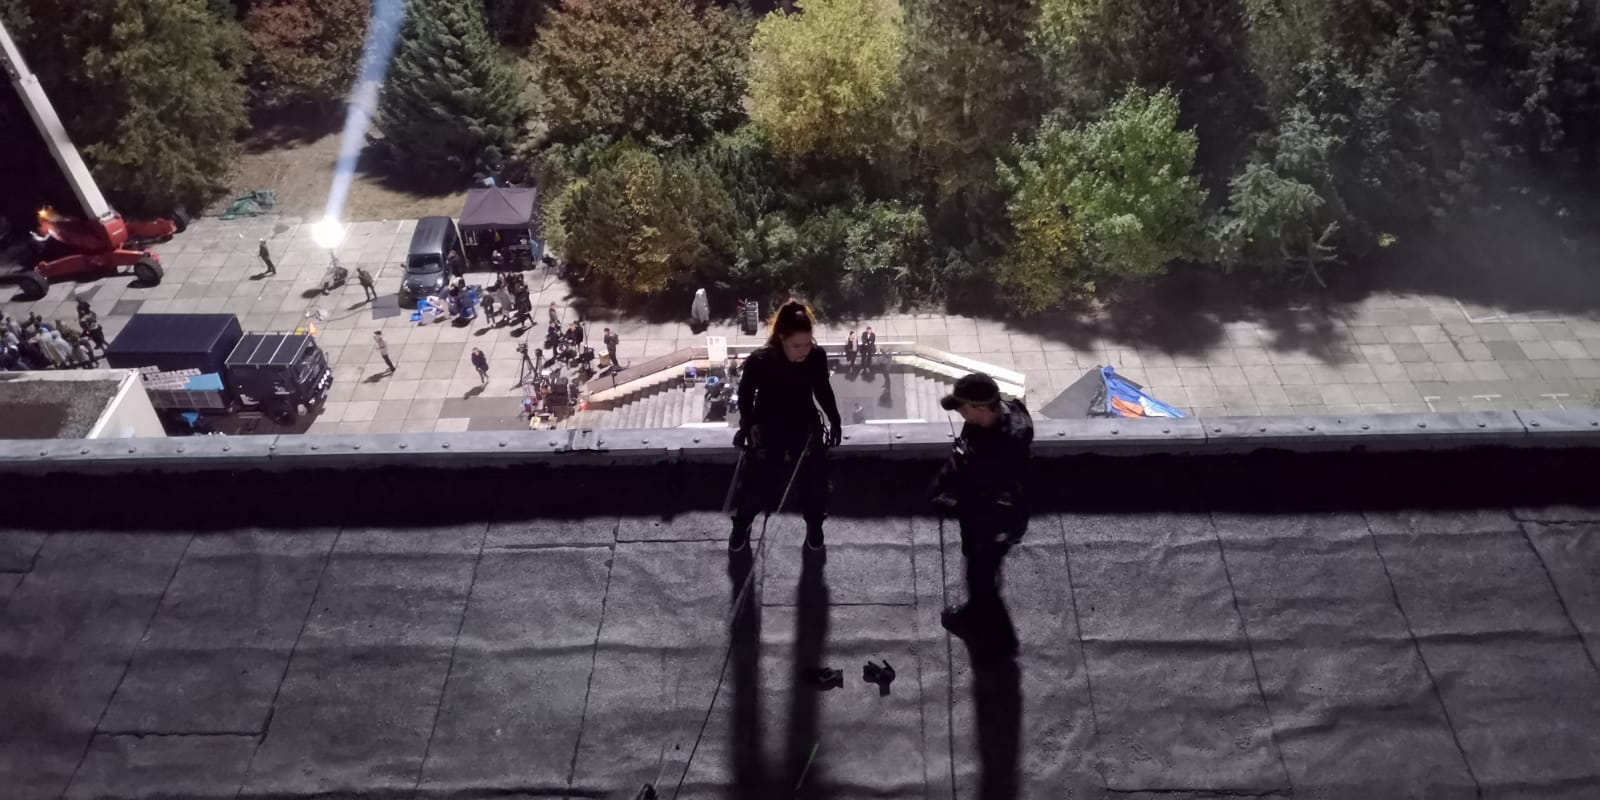 MG ACTION, Stunt Rigging, Abseilen, Stunt Deutschland, Stuntteam, Crewsafety